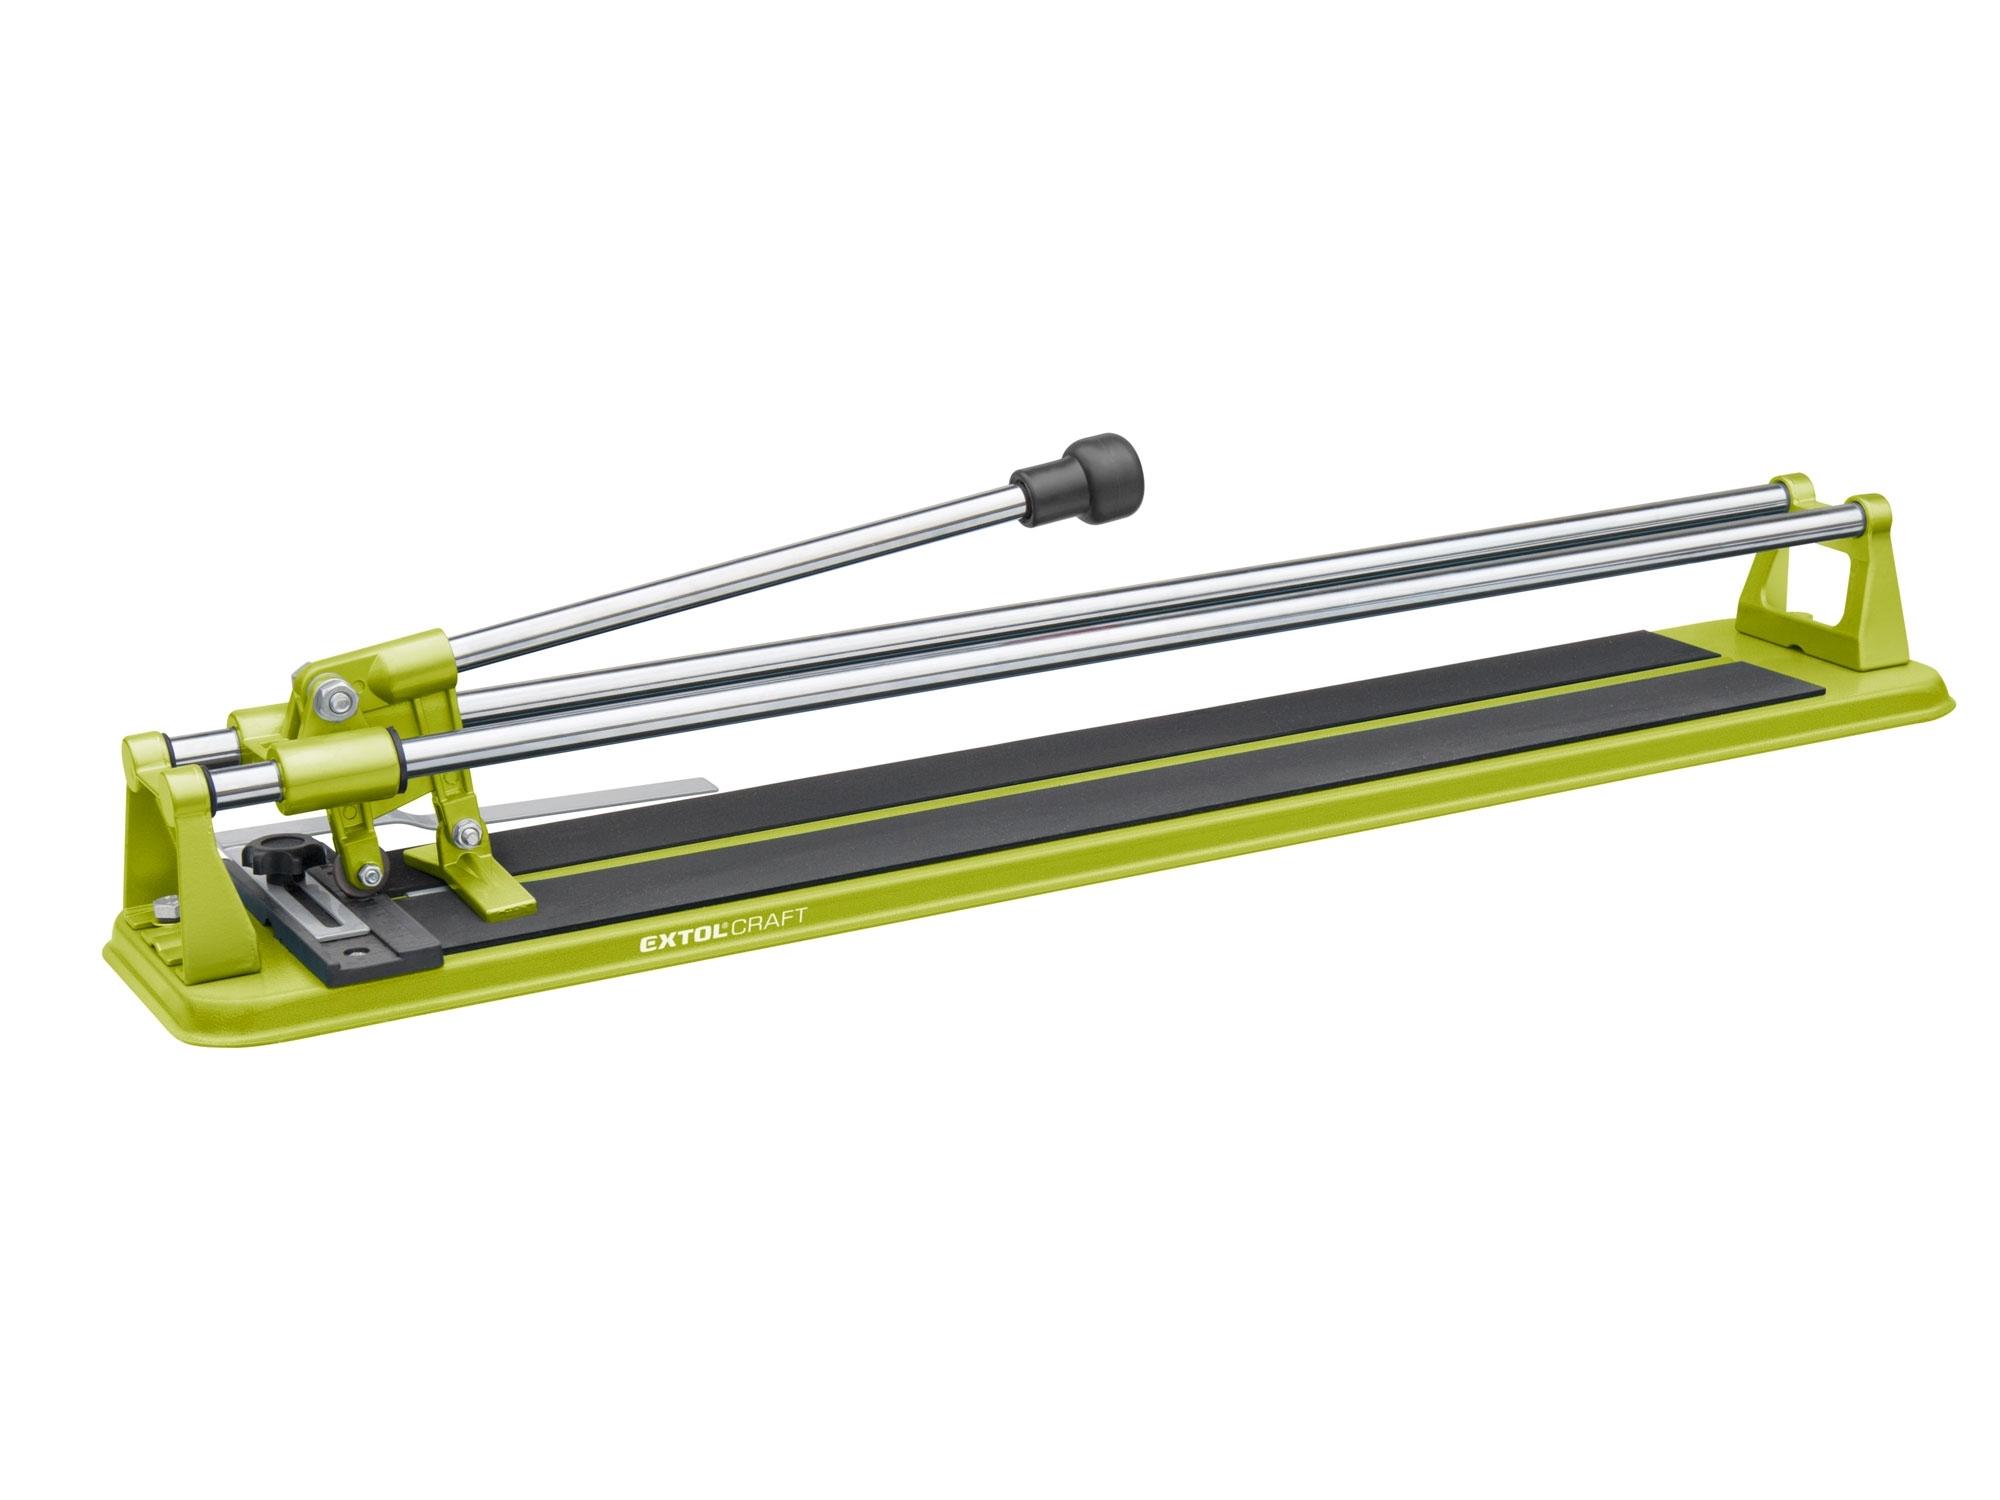 řezačka obkladaček 600mm, nylonové uložení, 600mm, EXTOL CRAFT 9752